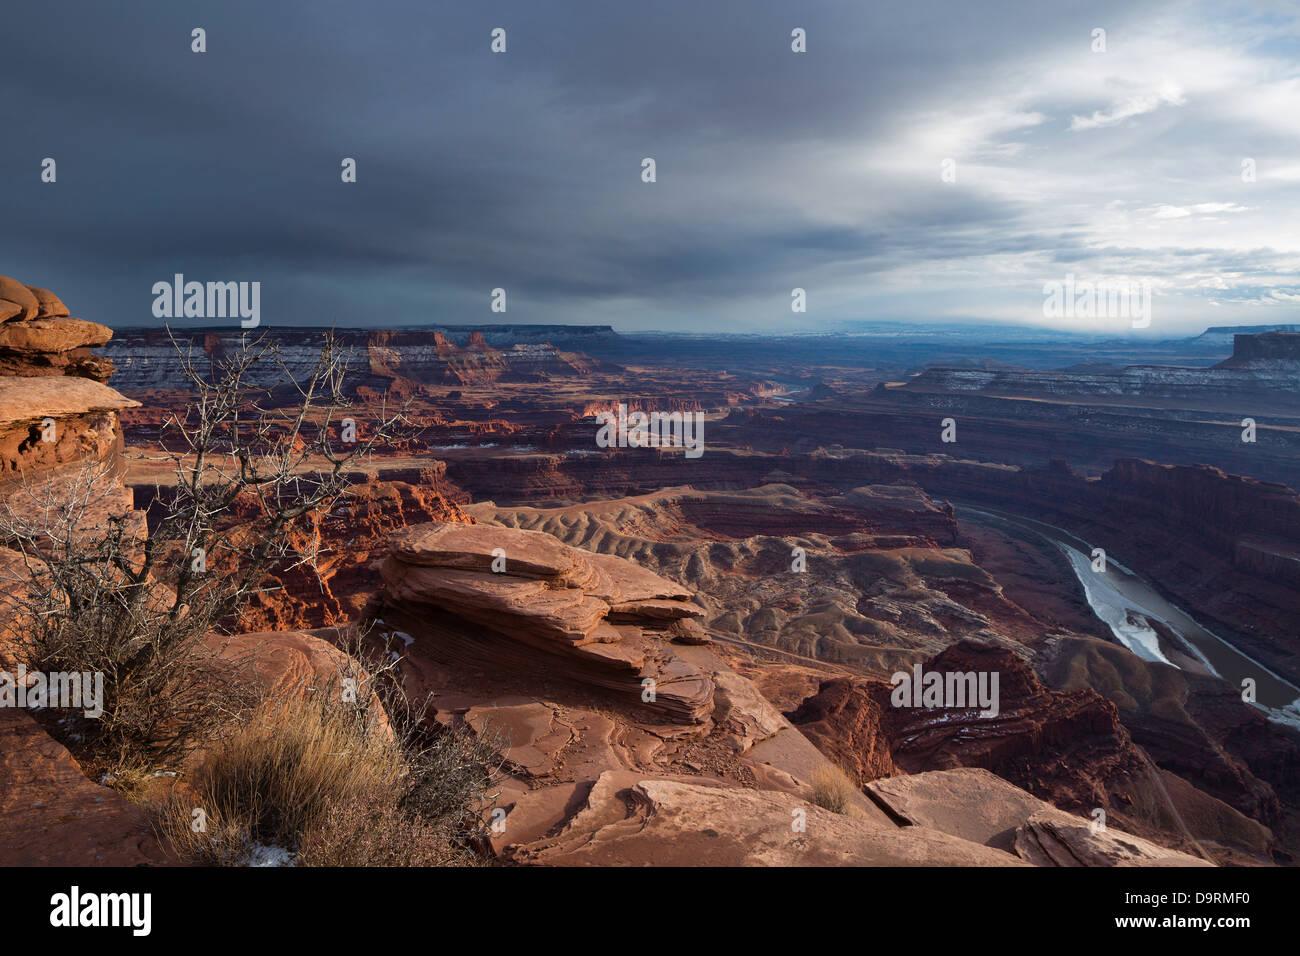 La Valle di Colorado dal Dead Horse Point, Utah, Stati Uniti d'America Immagini Stock